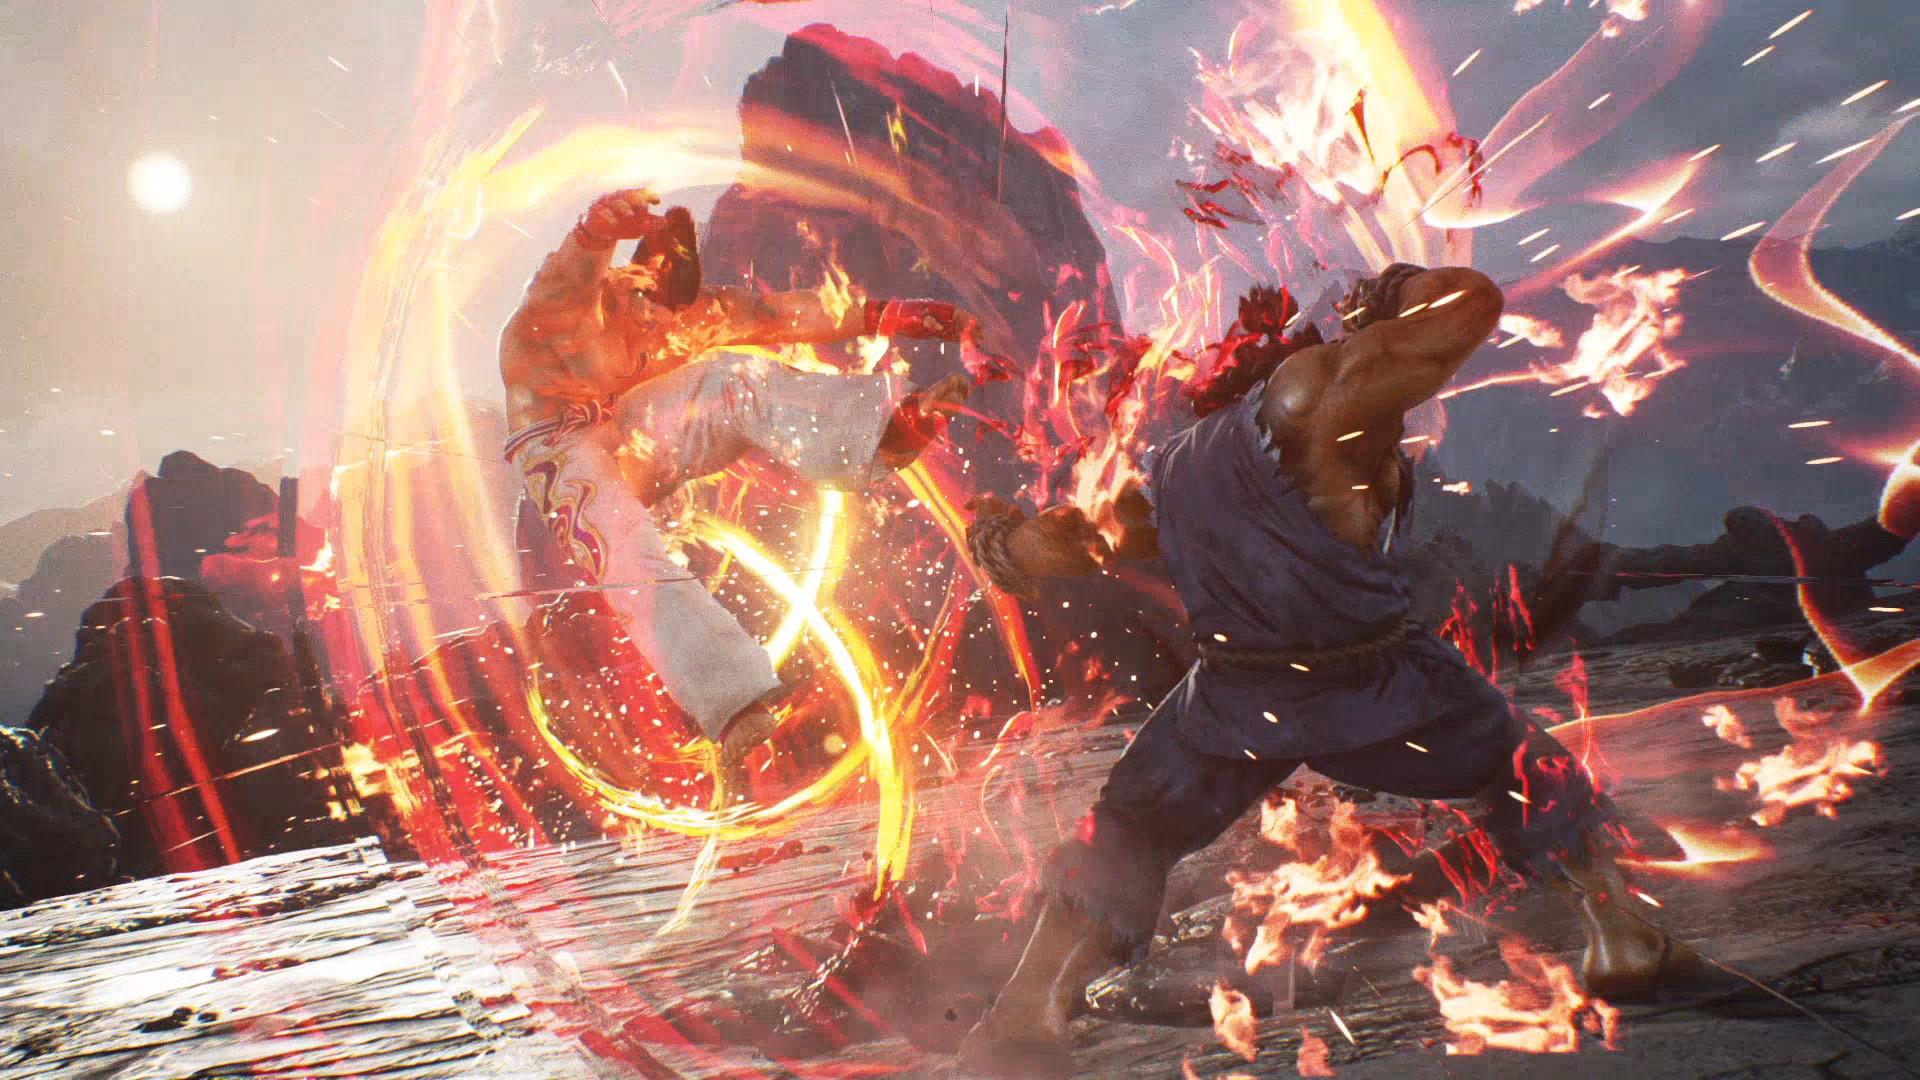 Steam周三特惠:《铁拳7》新史低《逆转裁判》半价